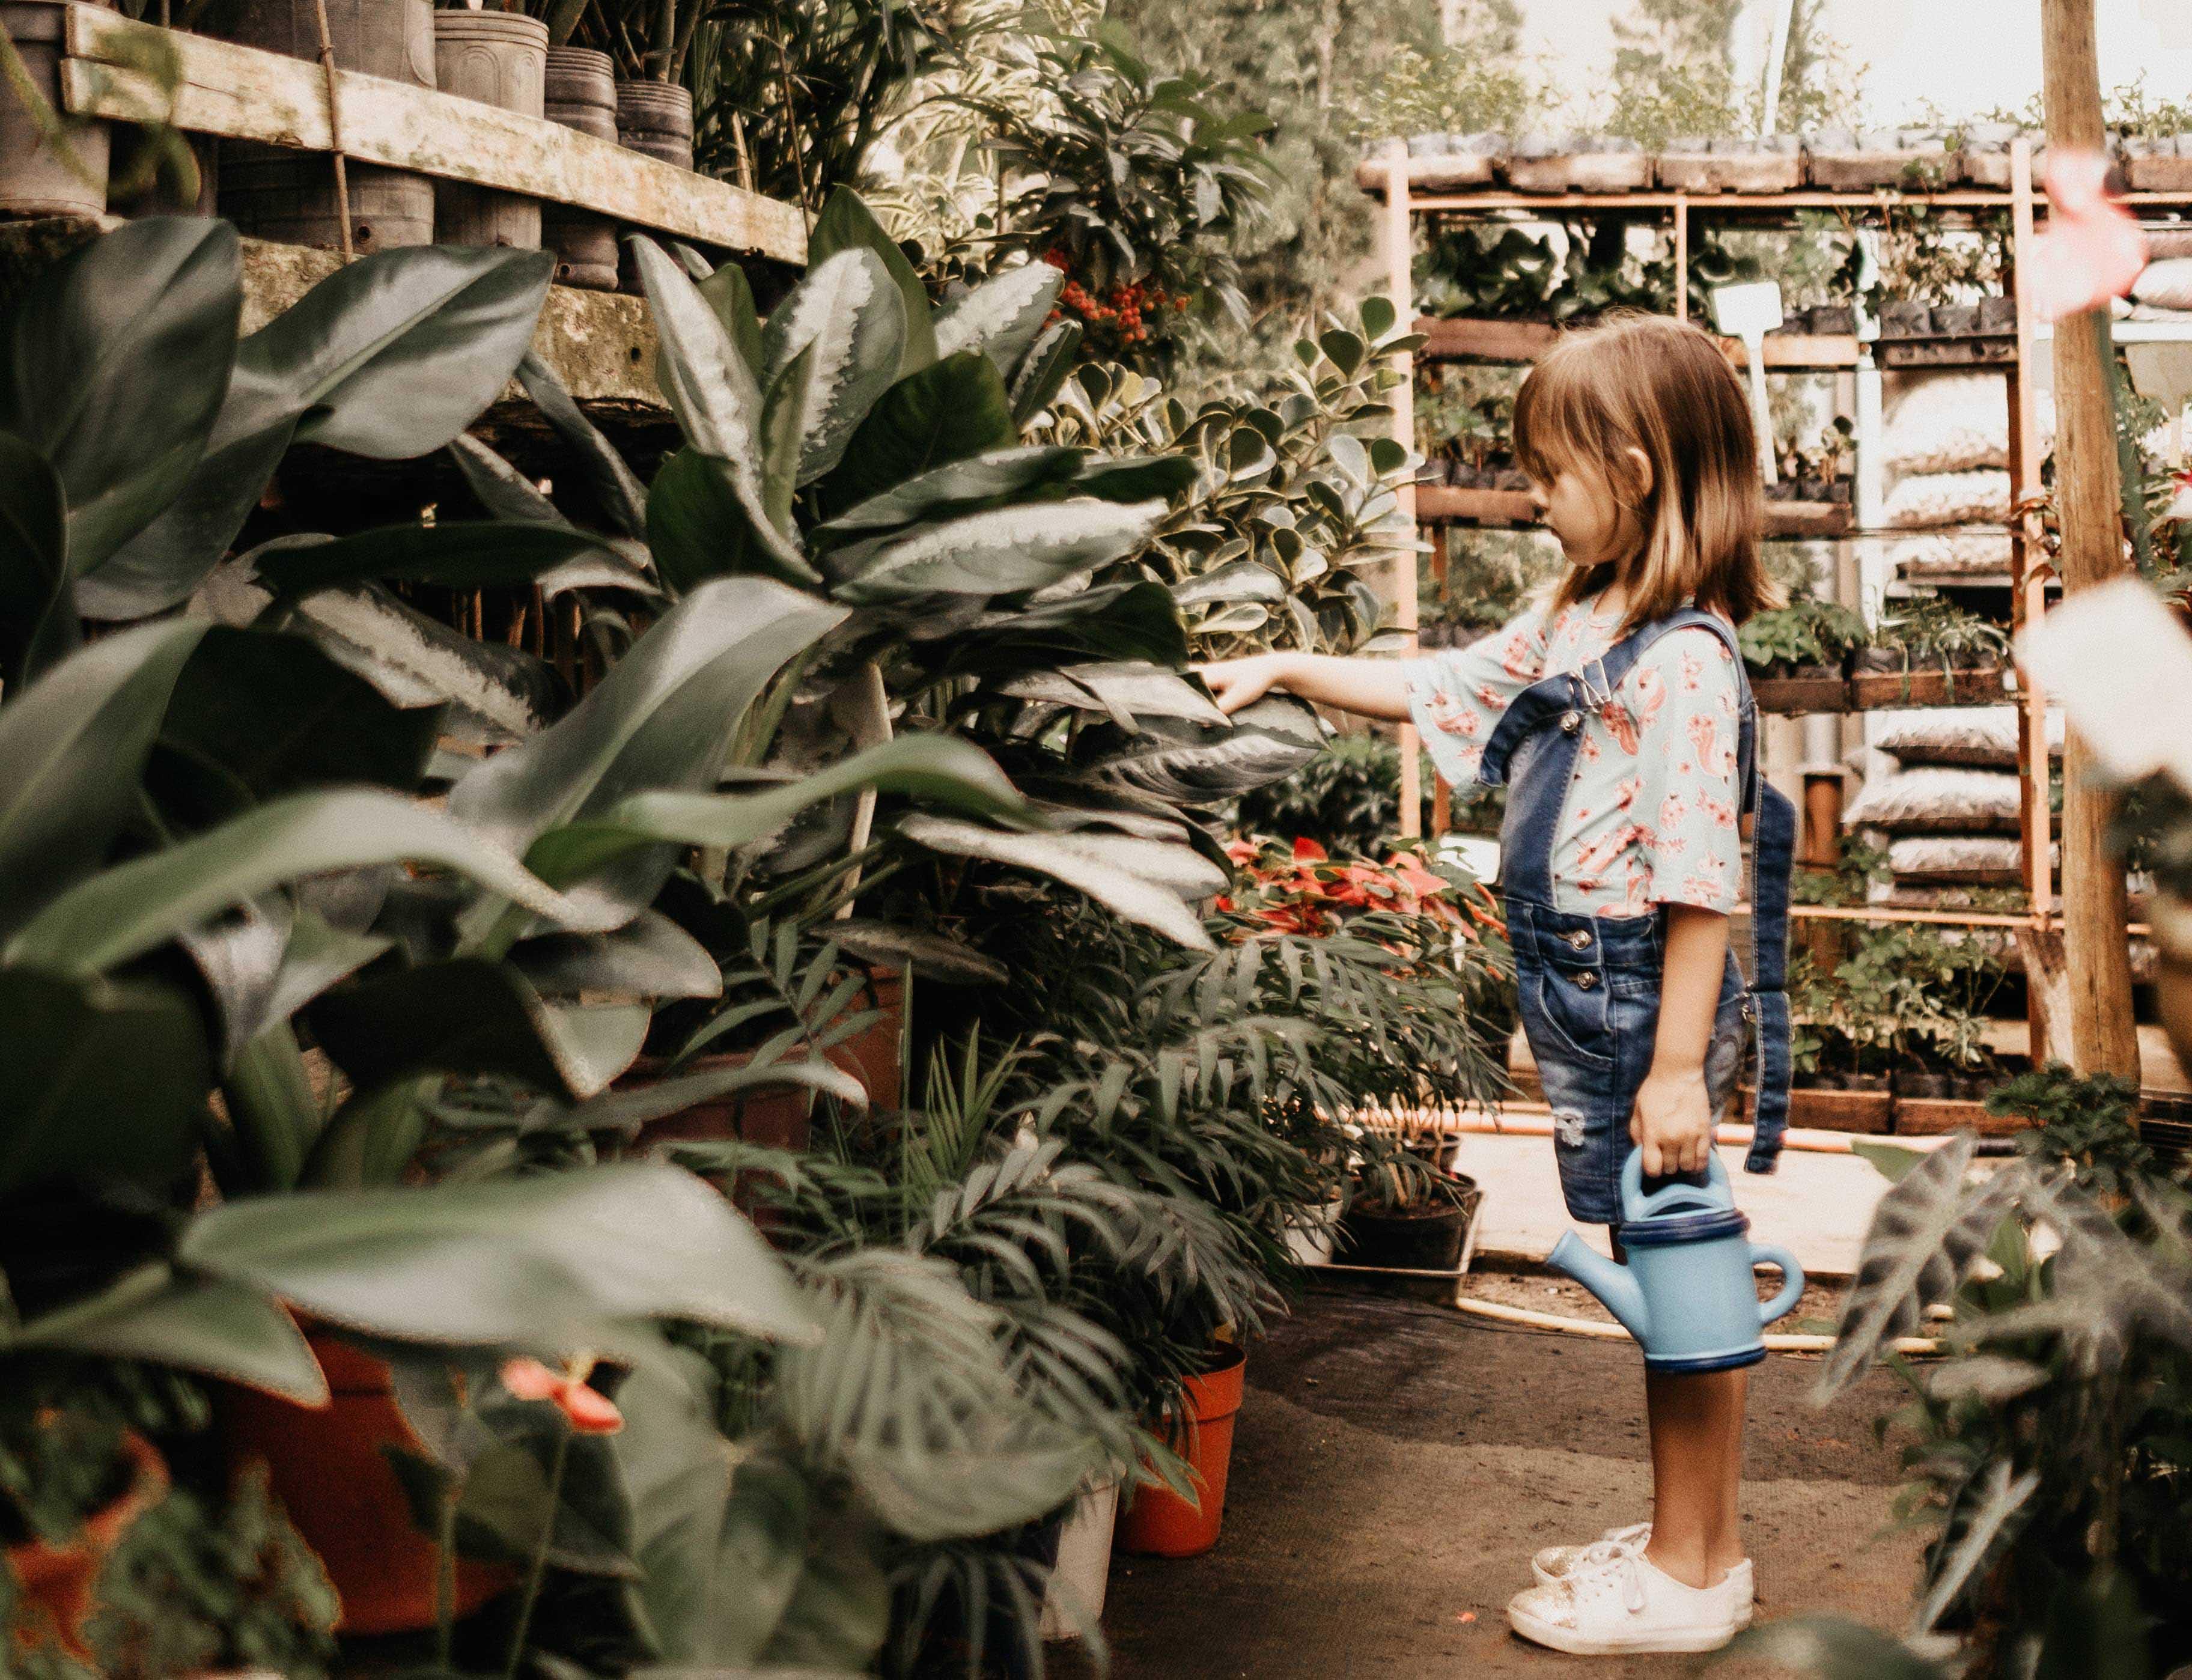 landscape childrens gardening